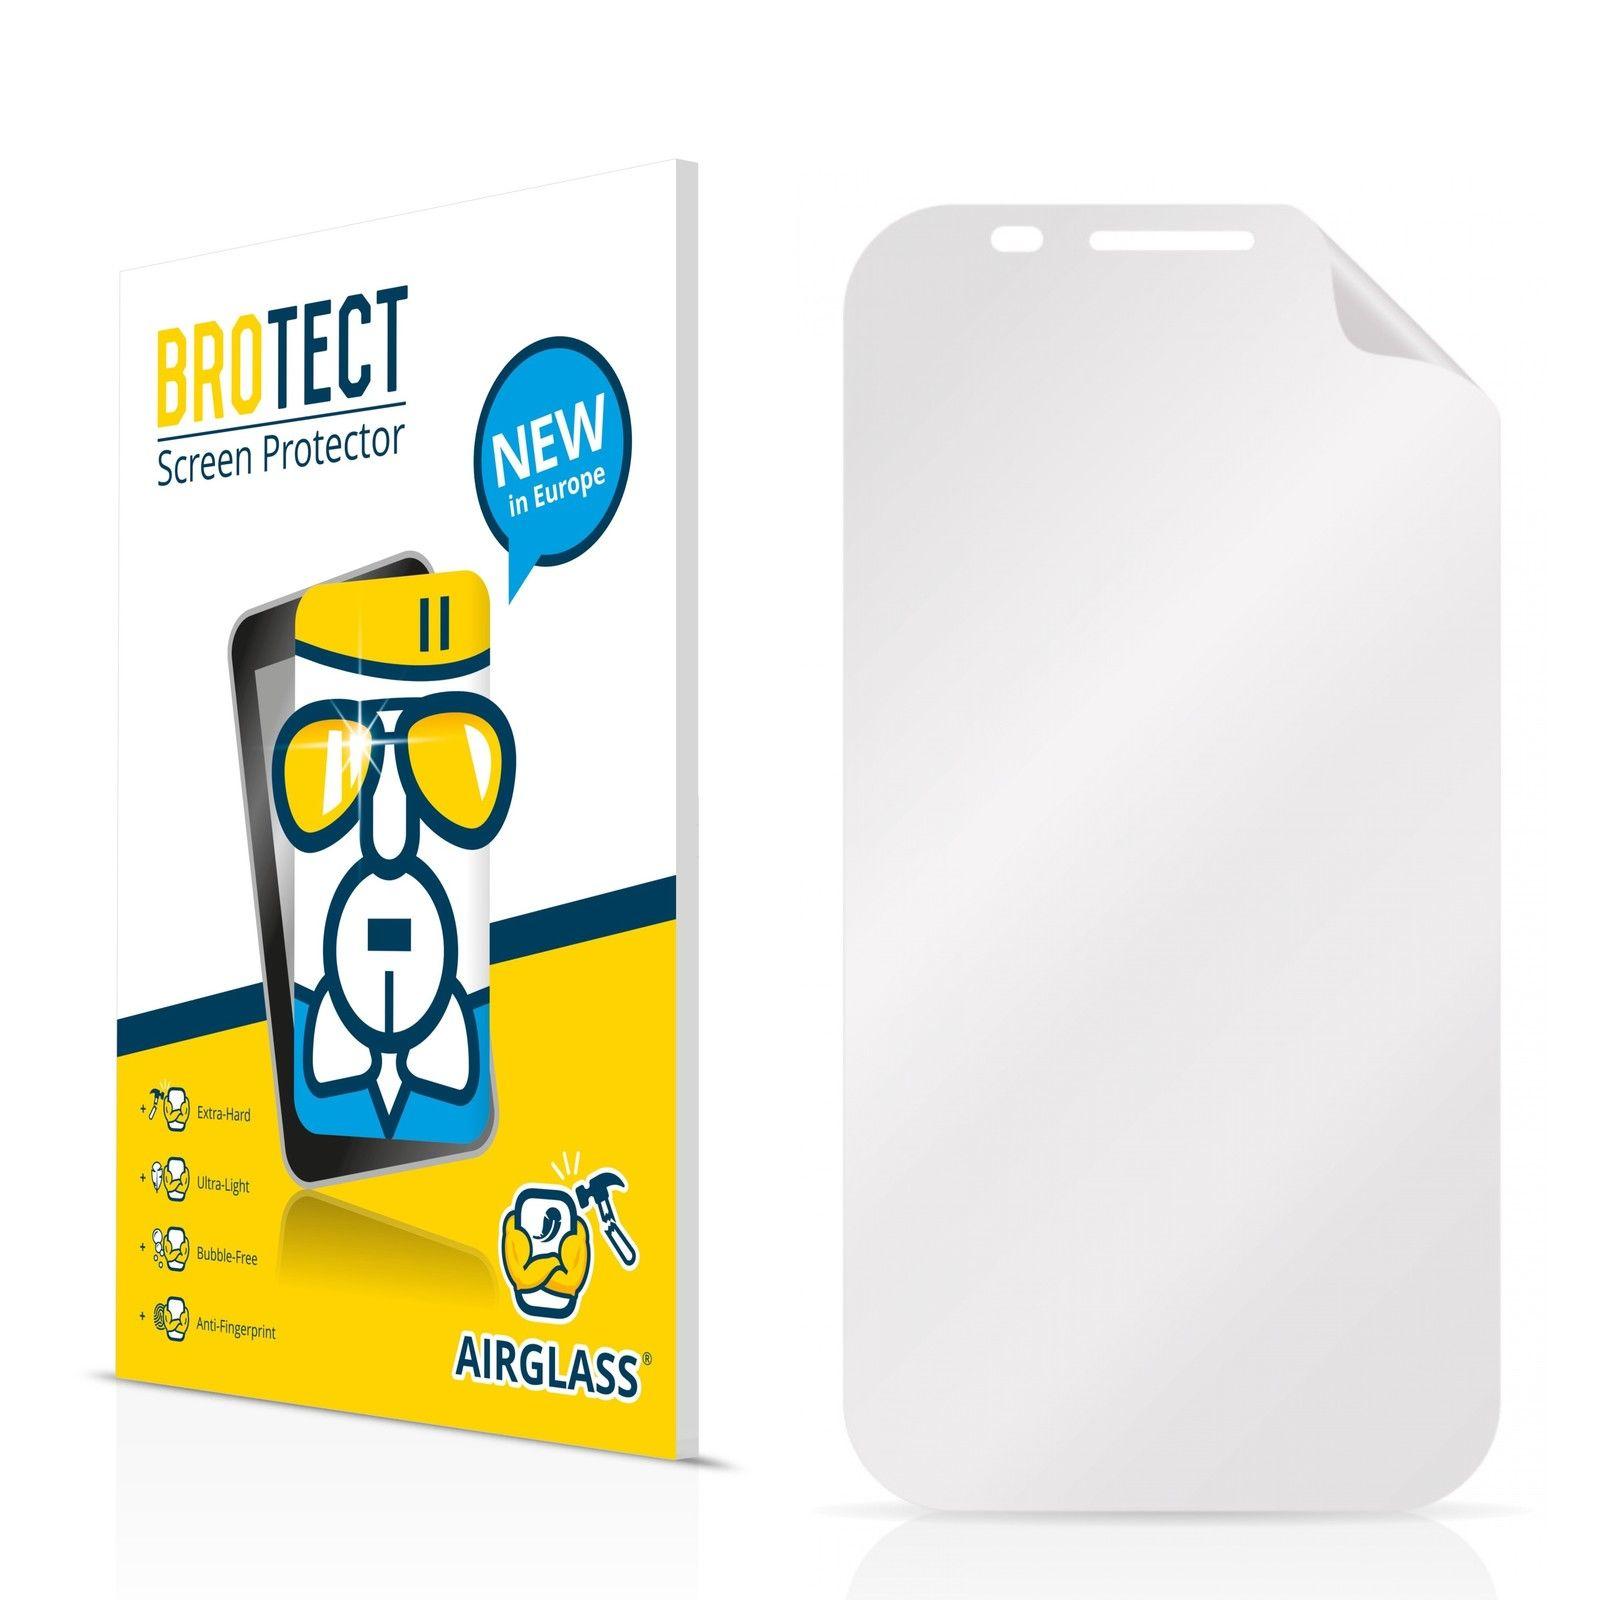 Extra tvrzená ochranná fólie (tvrzené sklo) AirGlass Brotec na LCD pro Prestigio MultiPhone 4044 DUO